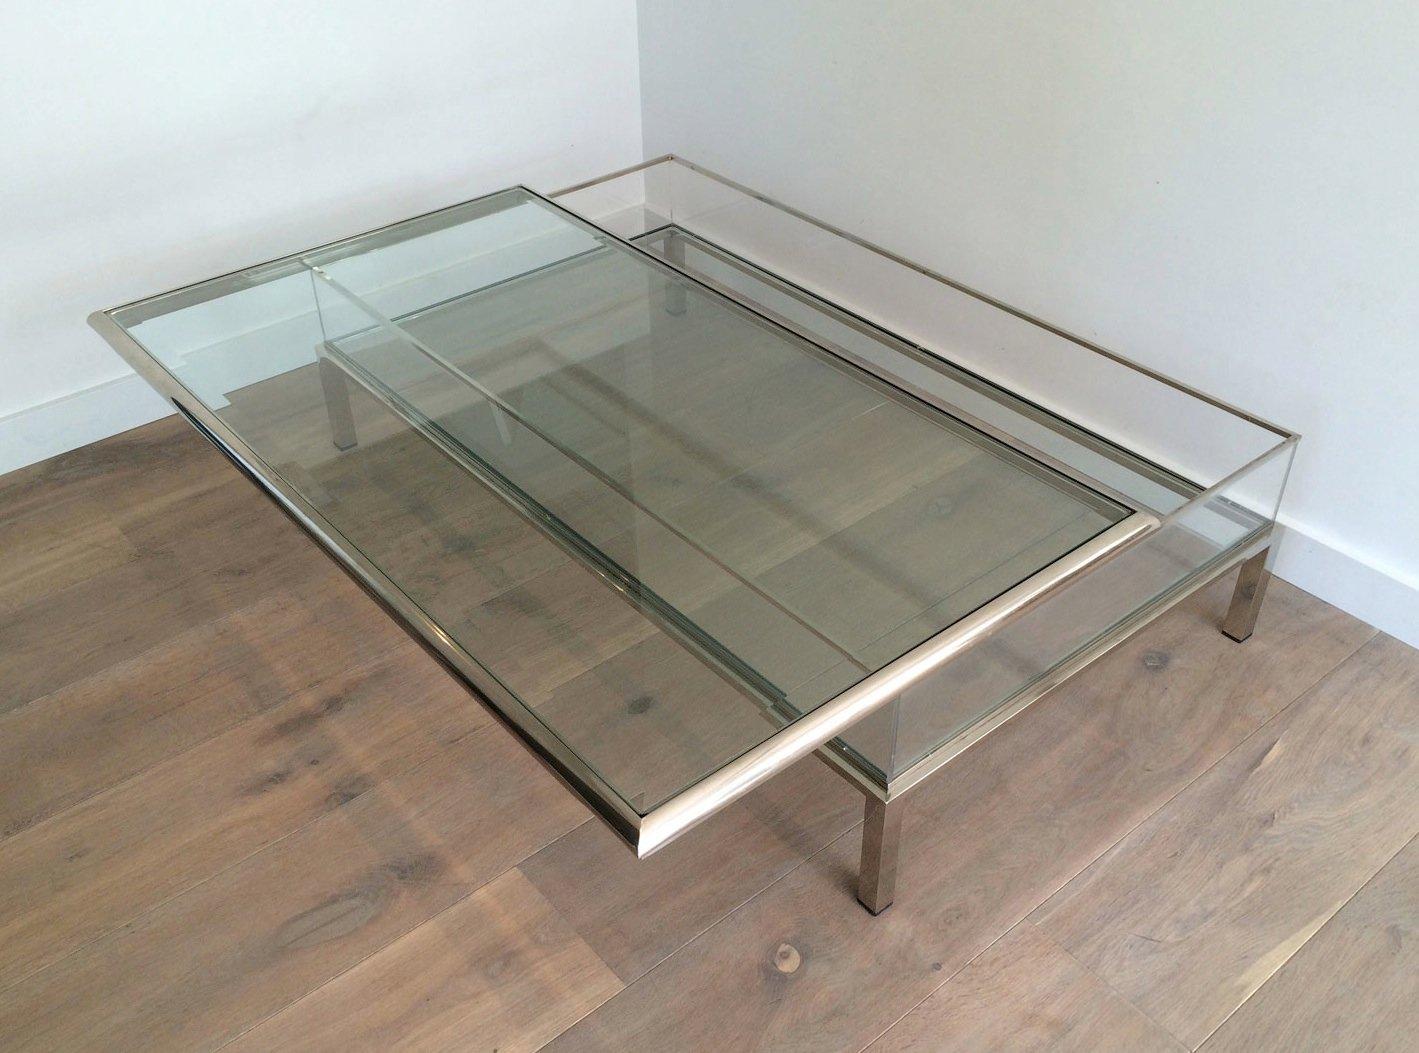 niedriger plexiglas chrom tisch mit schiebeplatte. Black Bedroom Furniture Sets. Home Design Ideas